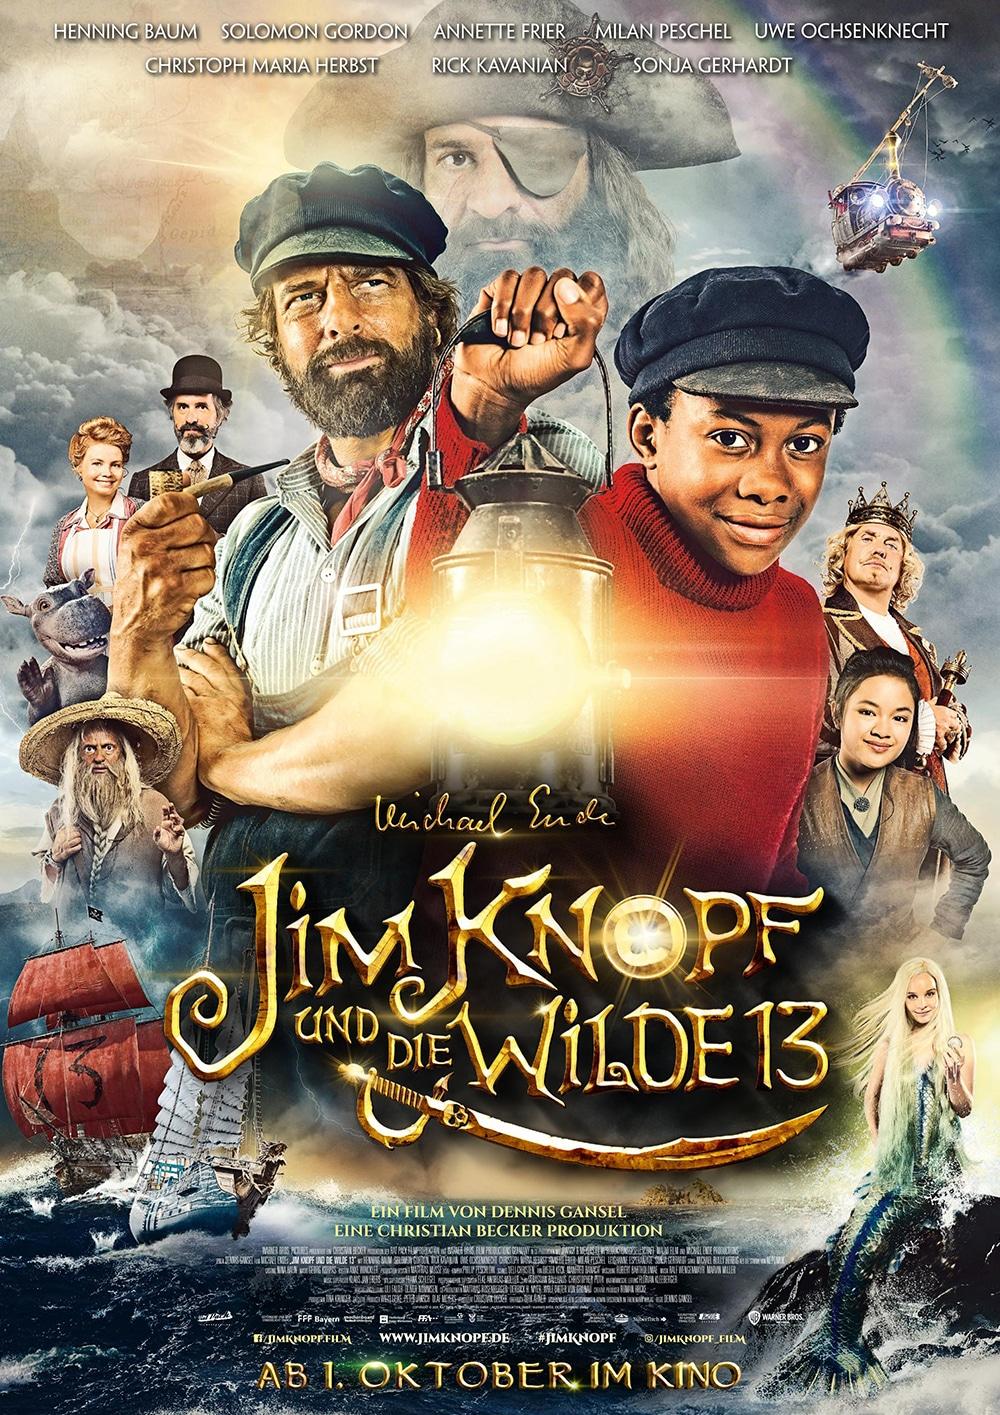 Jim Knopf und die wilde 13 - Artwork - Key Visual - Poster